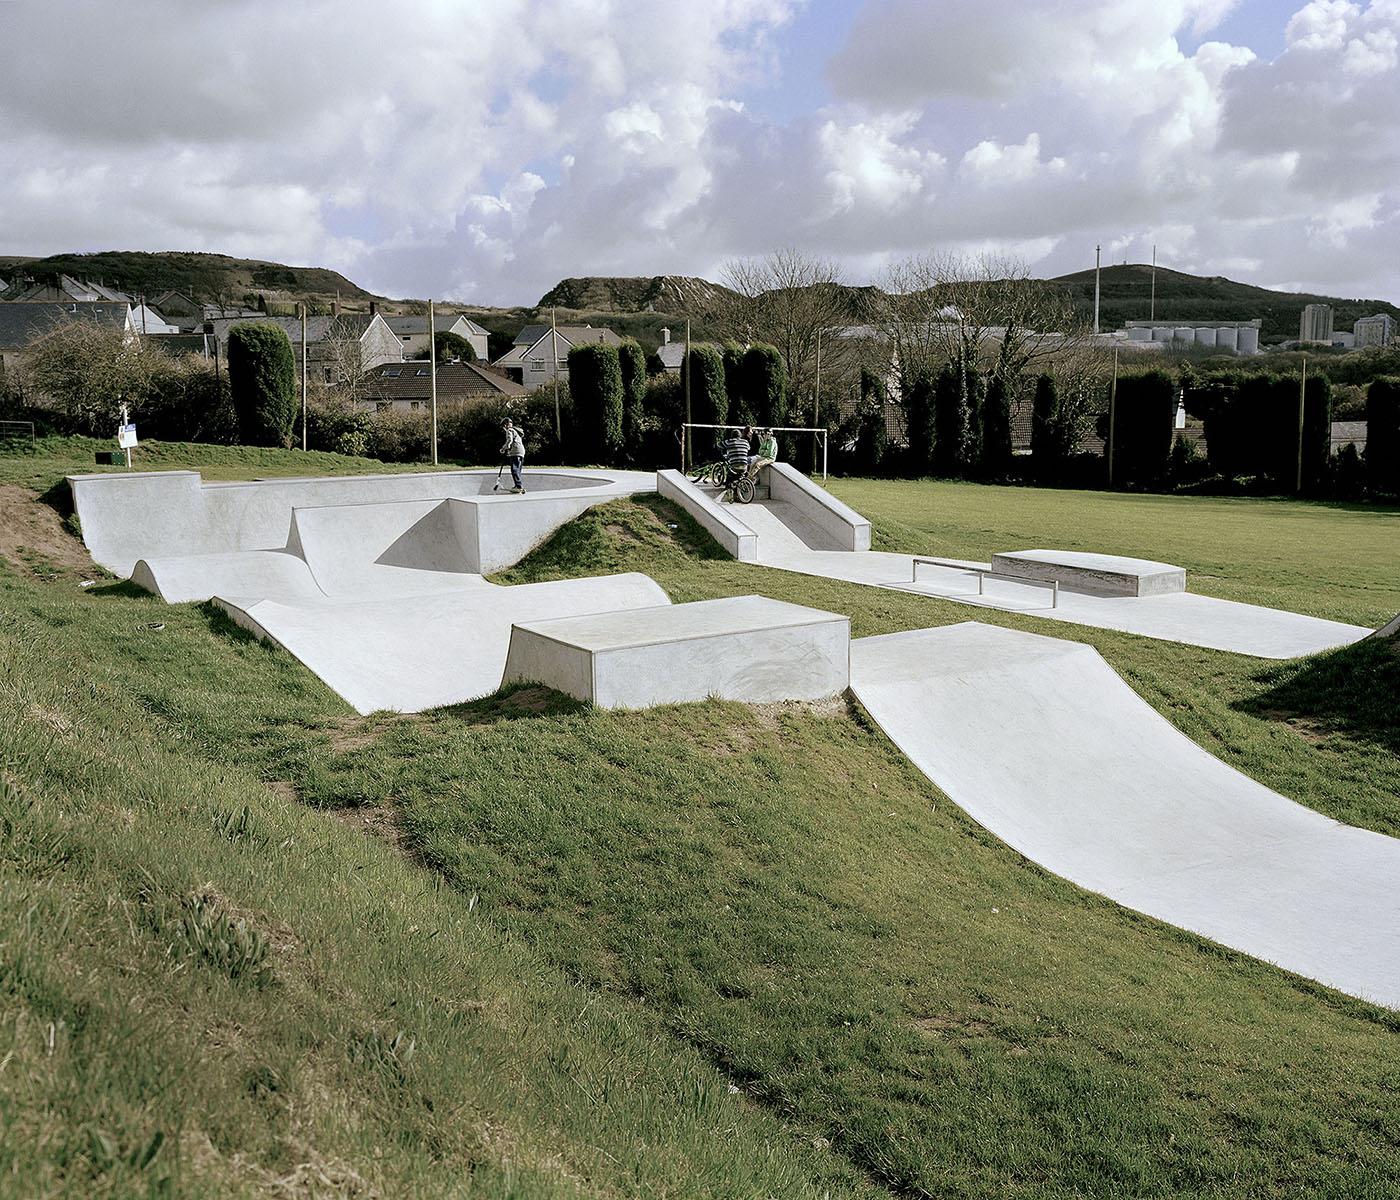 The skatepark in St.Dennis